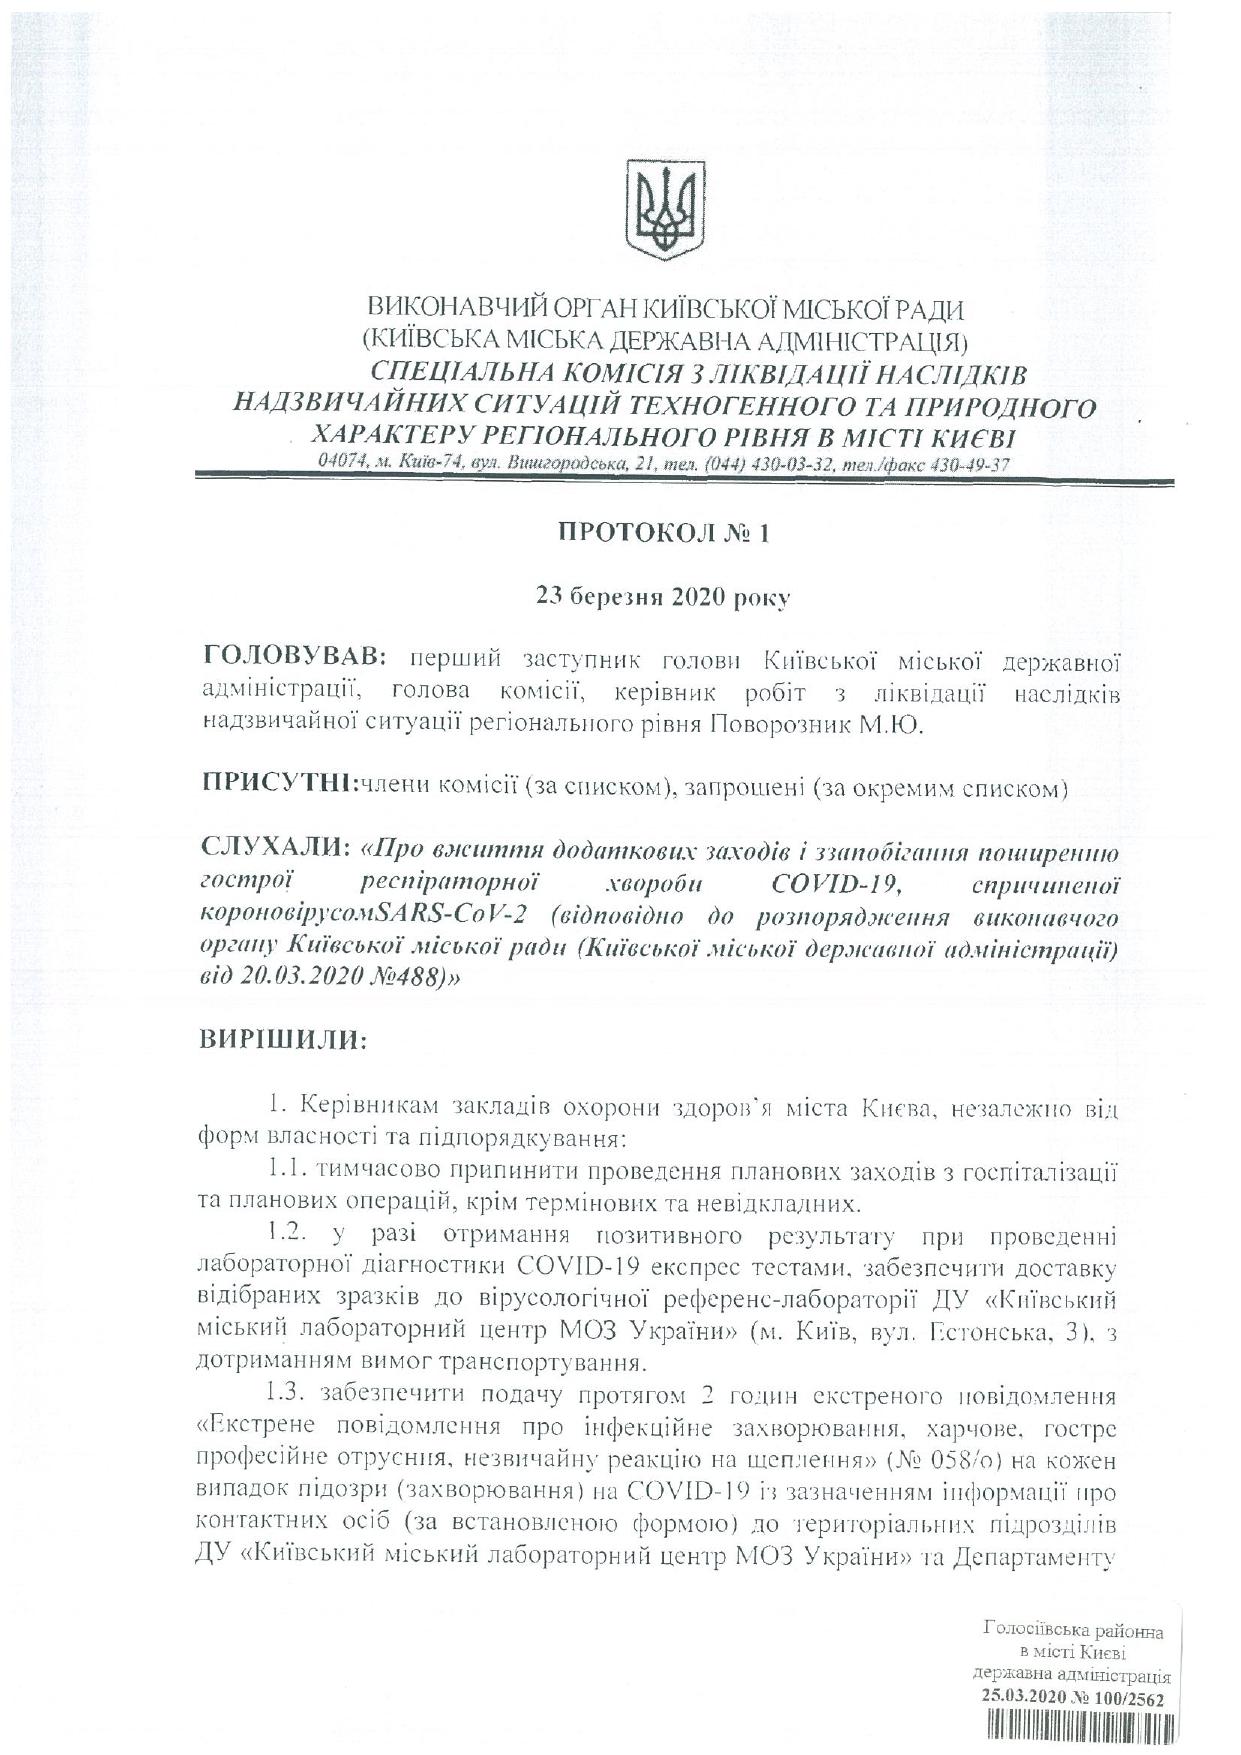 Как будут хоронить умерших от коронавируса в Киеве: власти приняли важное решение